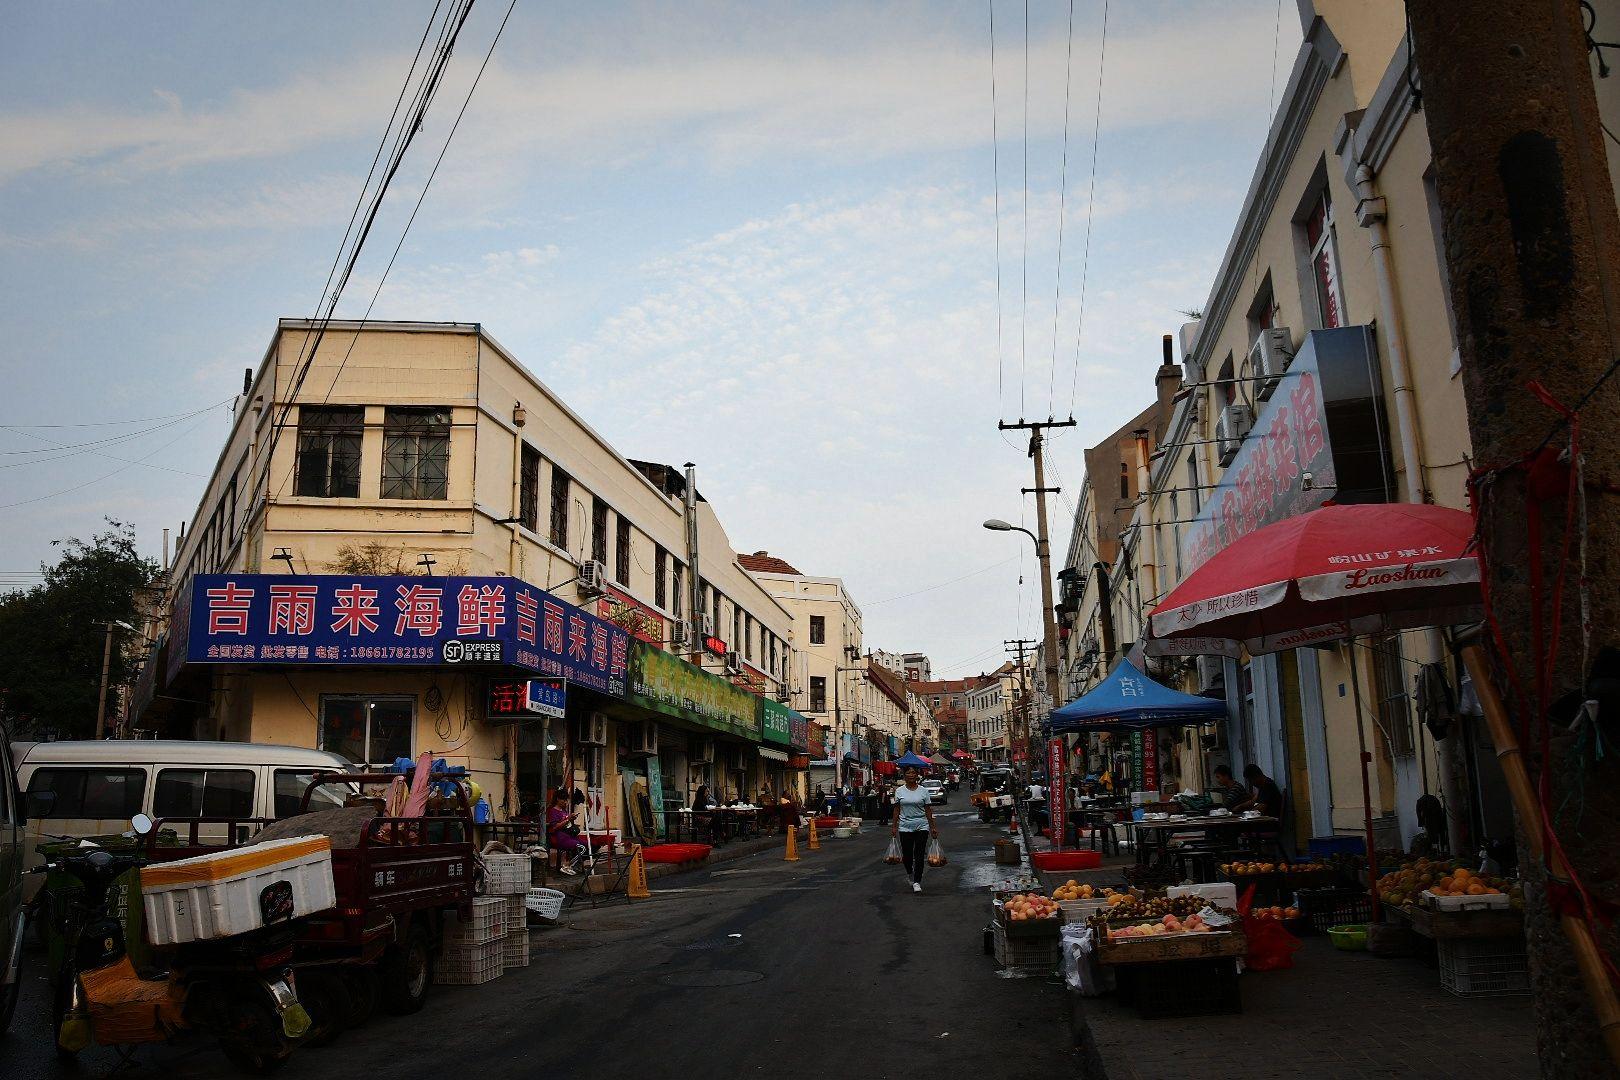 芝罘路海鲜商贩日常营业与生活场景